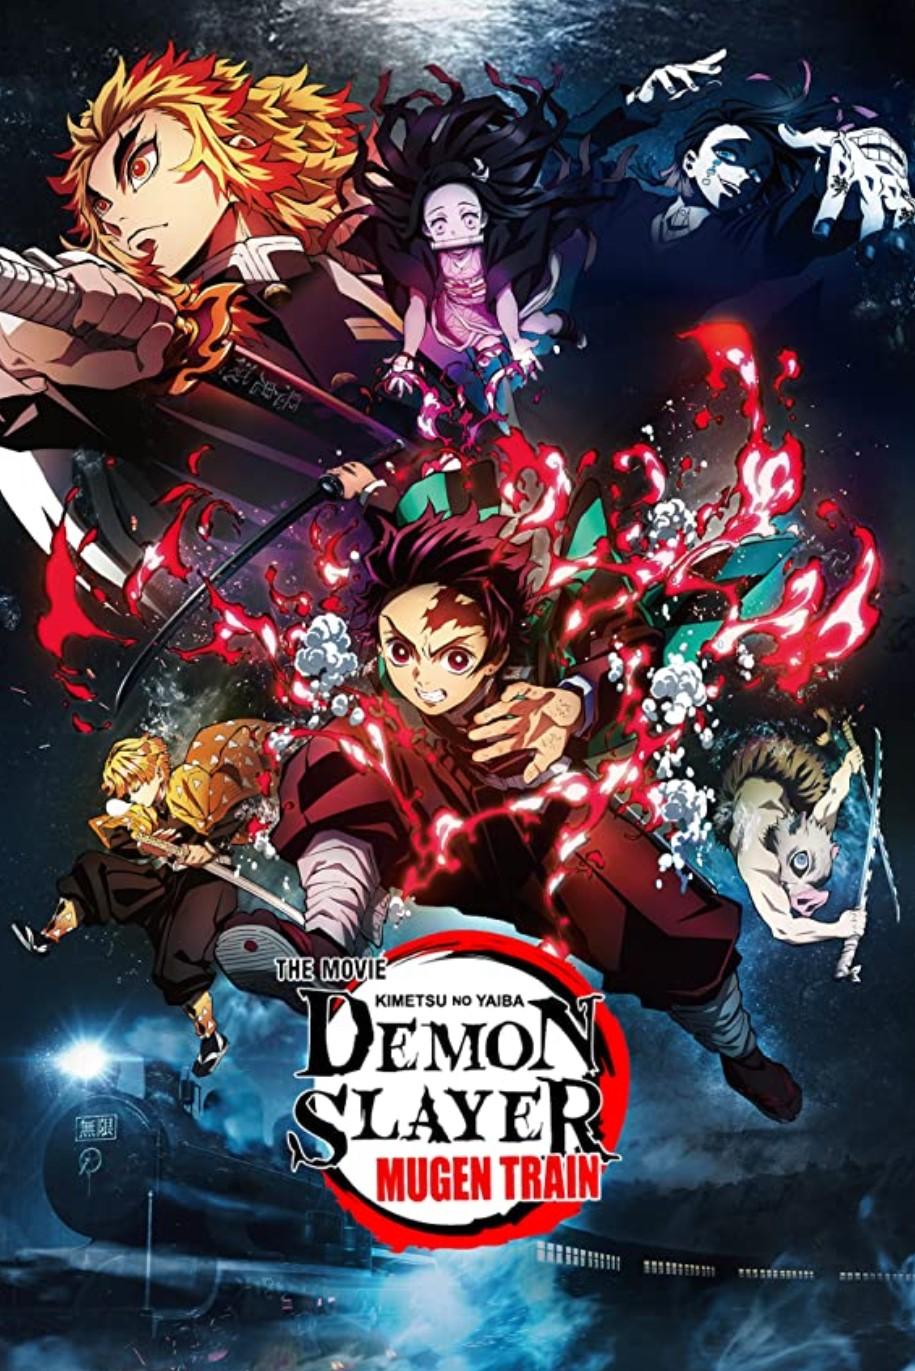 英語版「鬼滅の刃」(Demon Slayer the Movie: Mugen Train)